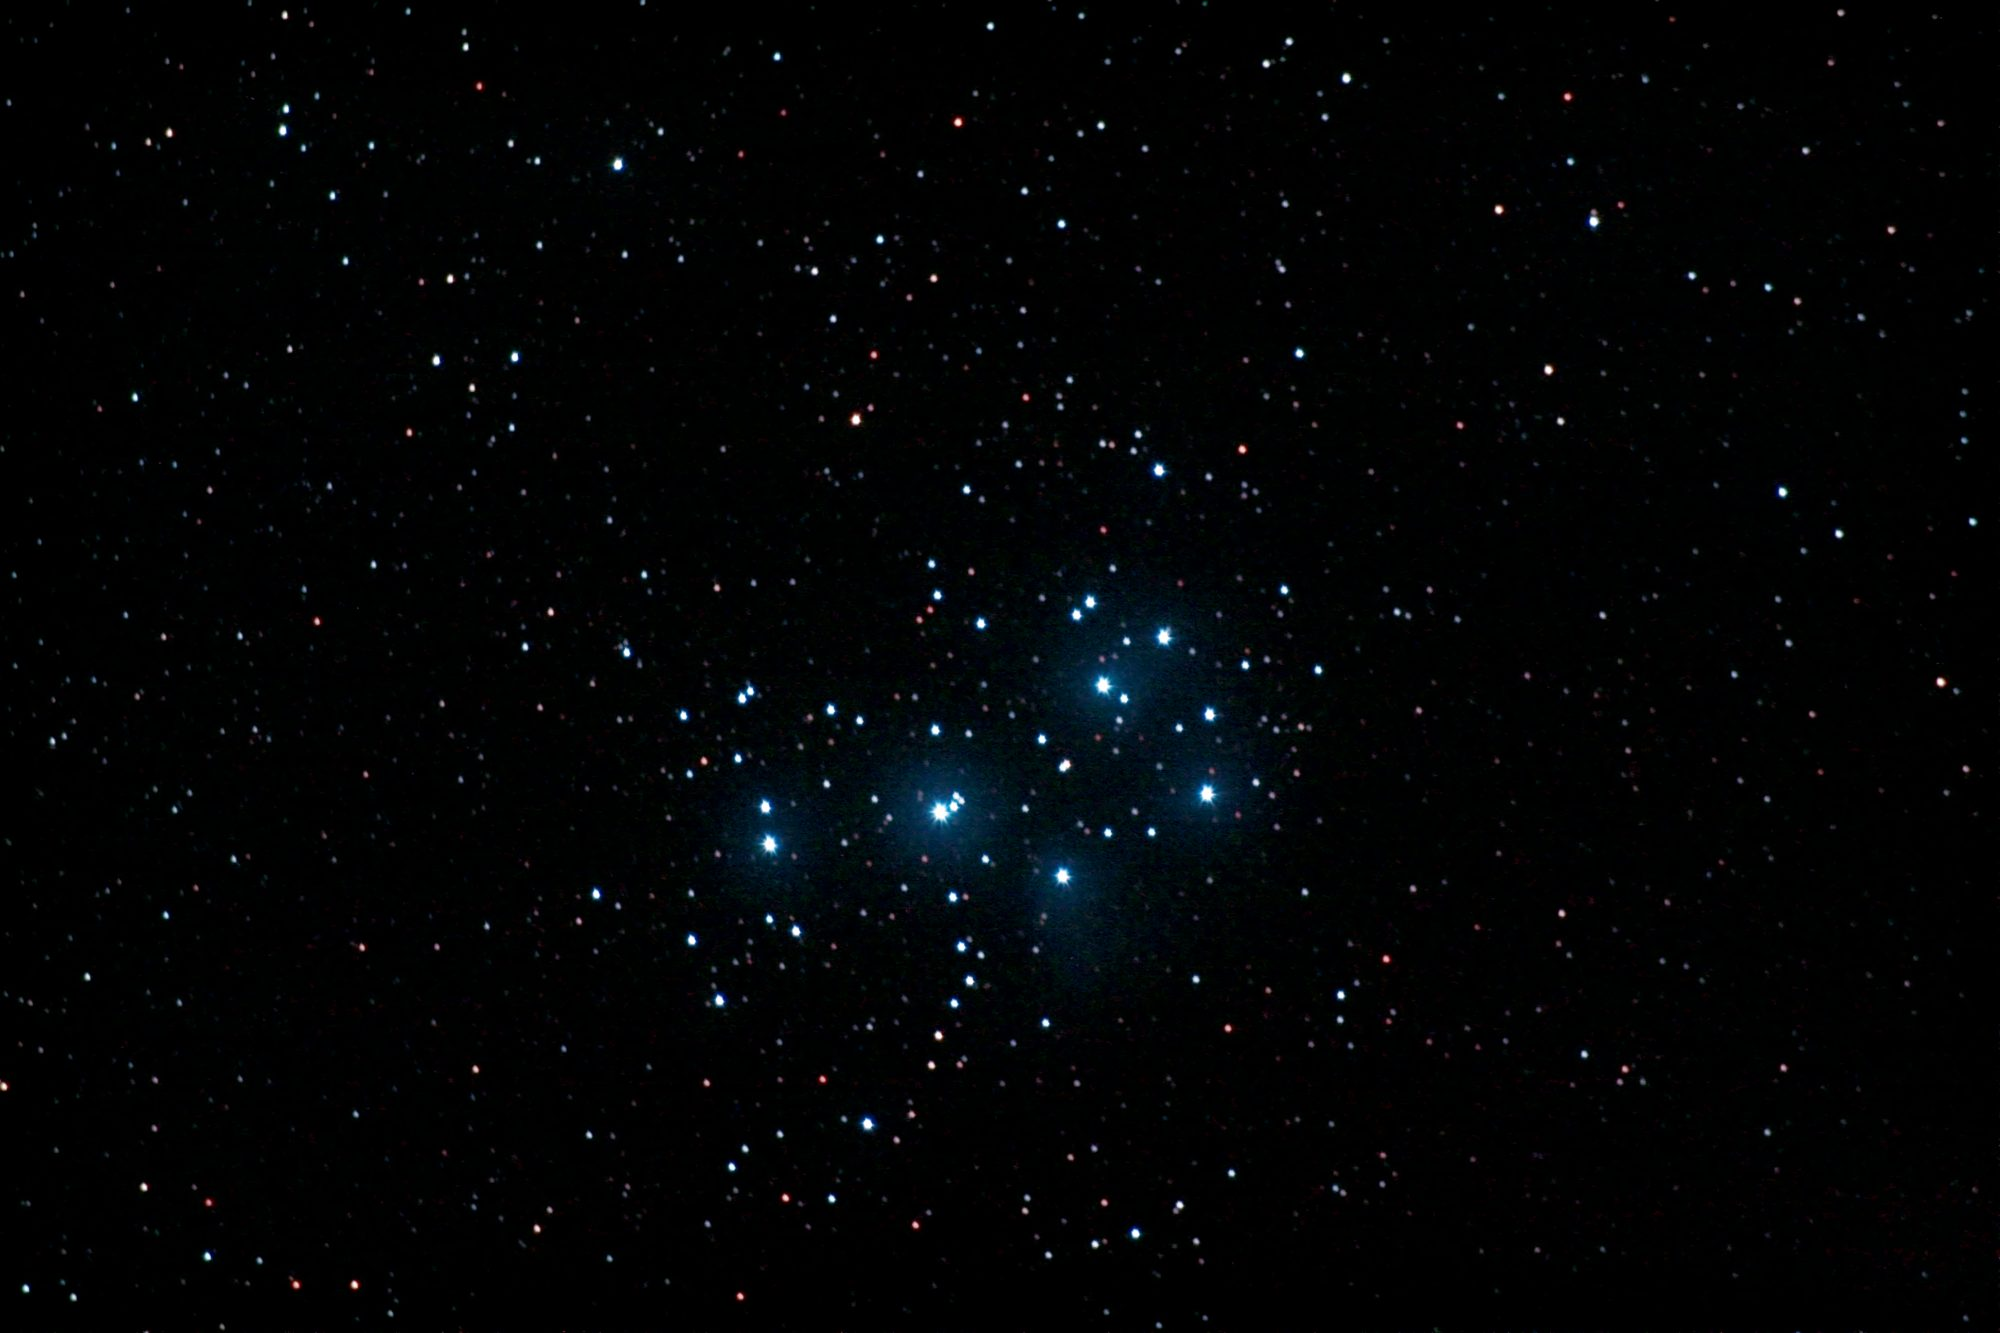 Offener Sternhaufen M45